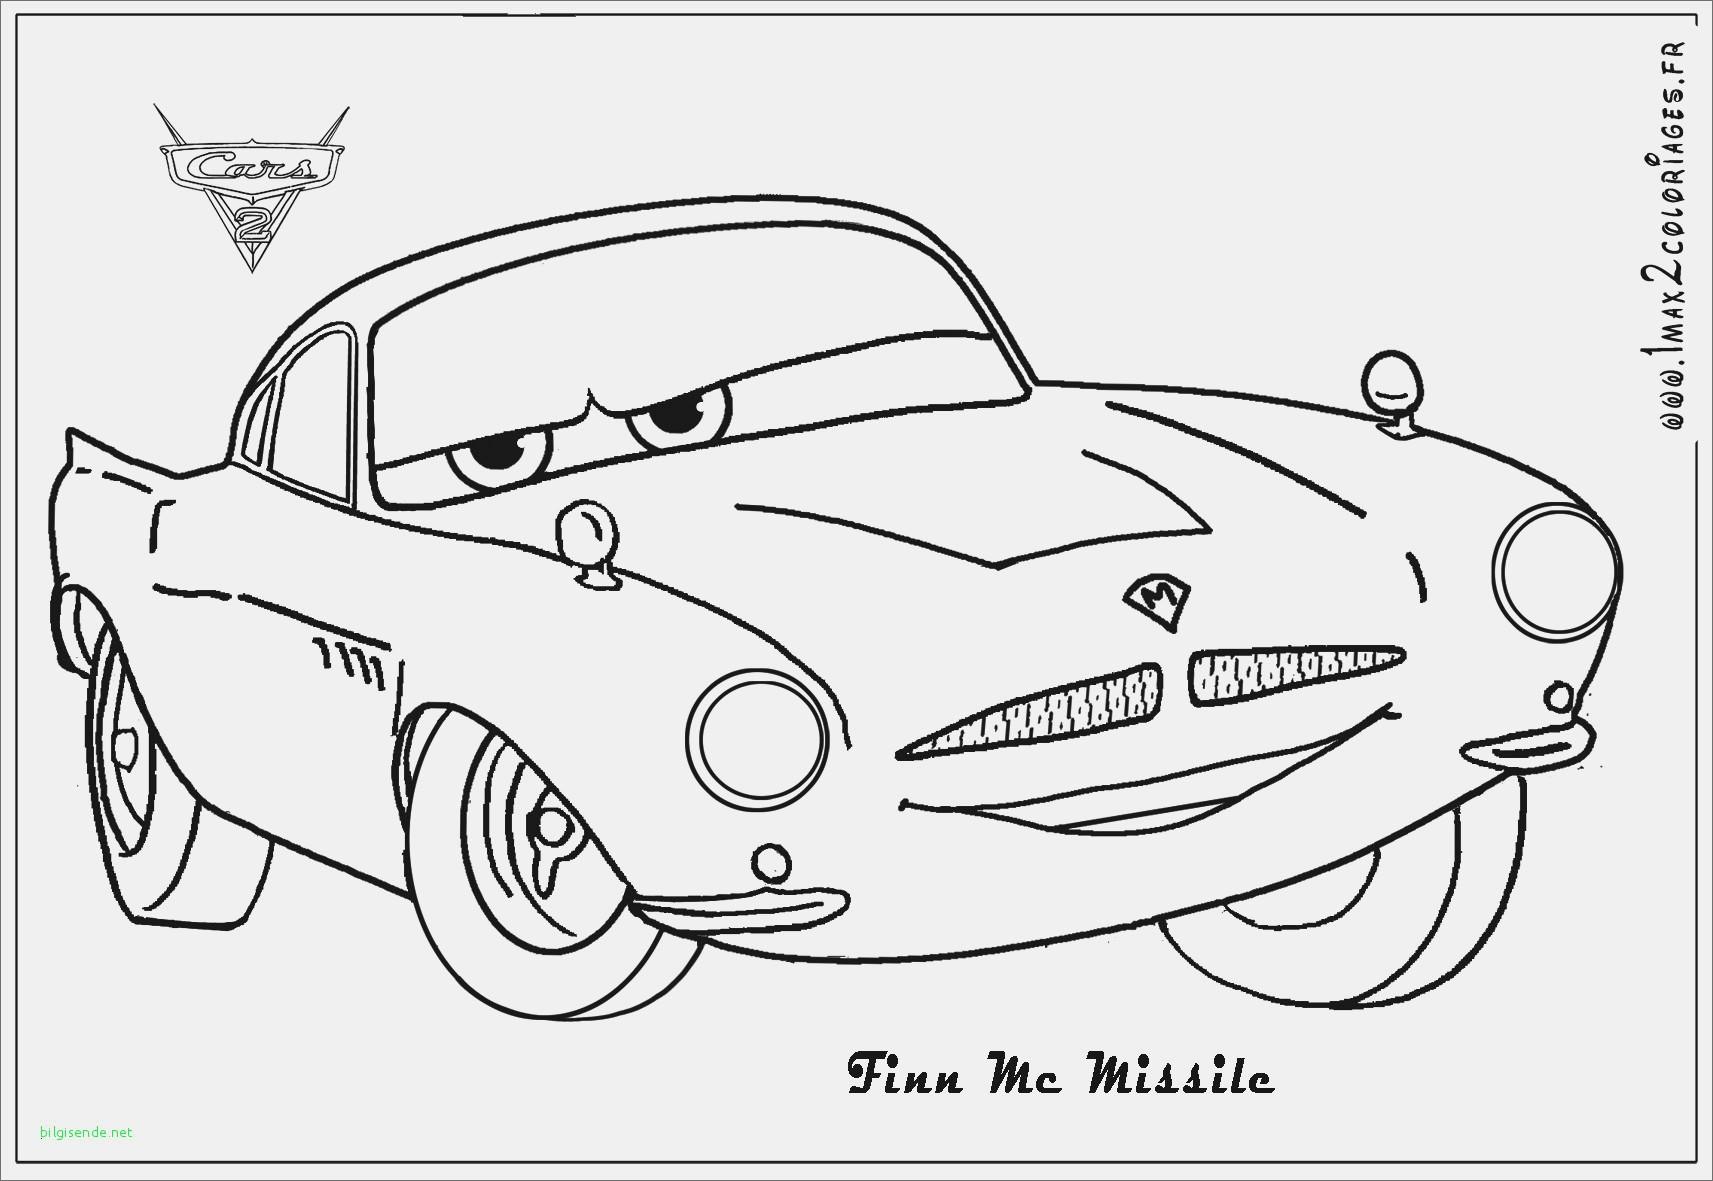 Minnie Mouse Malvorlage Frisch Lkw Malvorlagen Kostenlos Verschiedene Bilder Färben 37 Ausmalbilder Sammlung